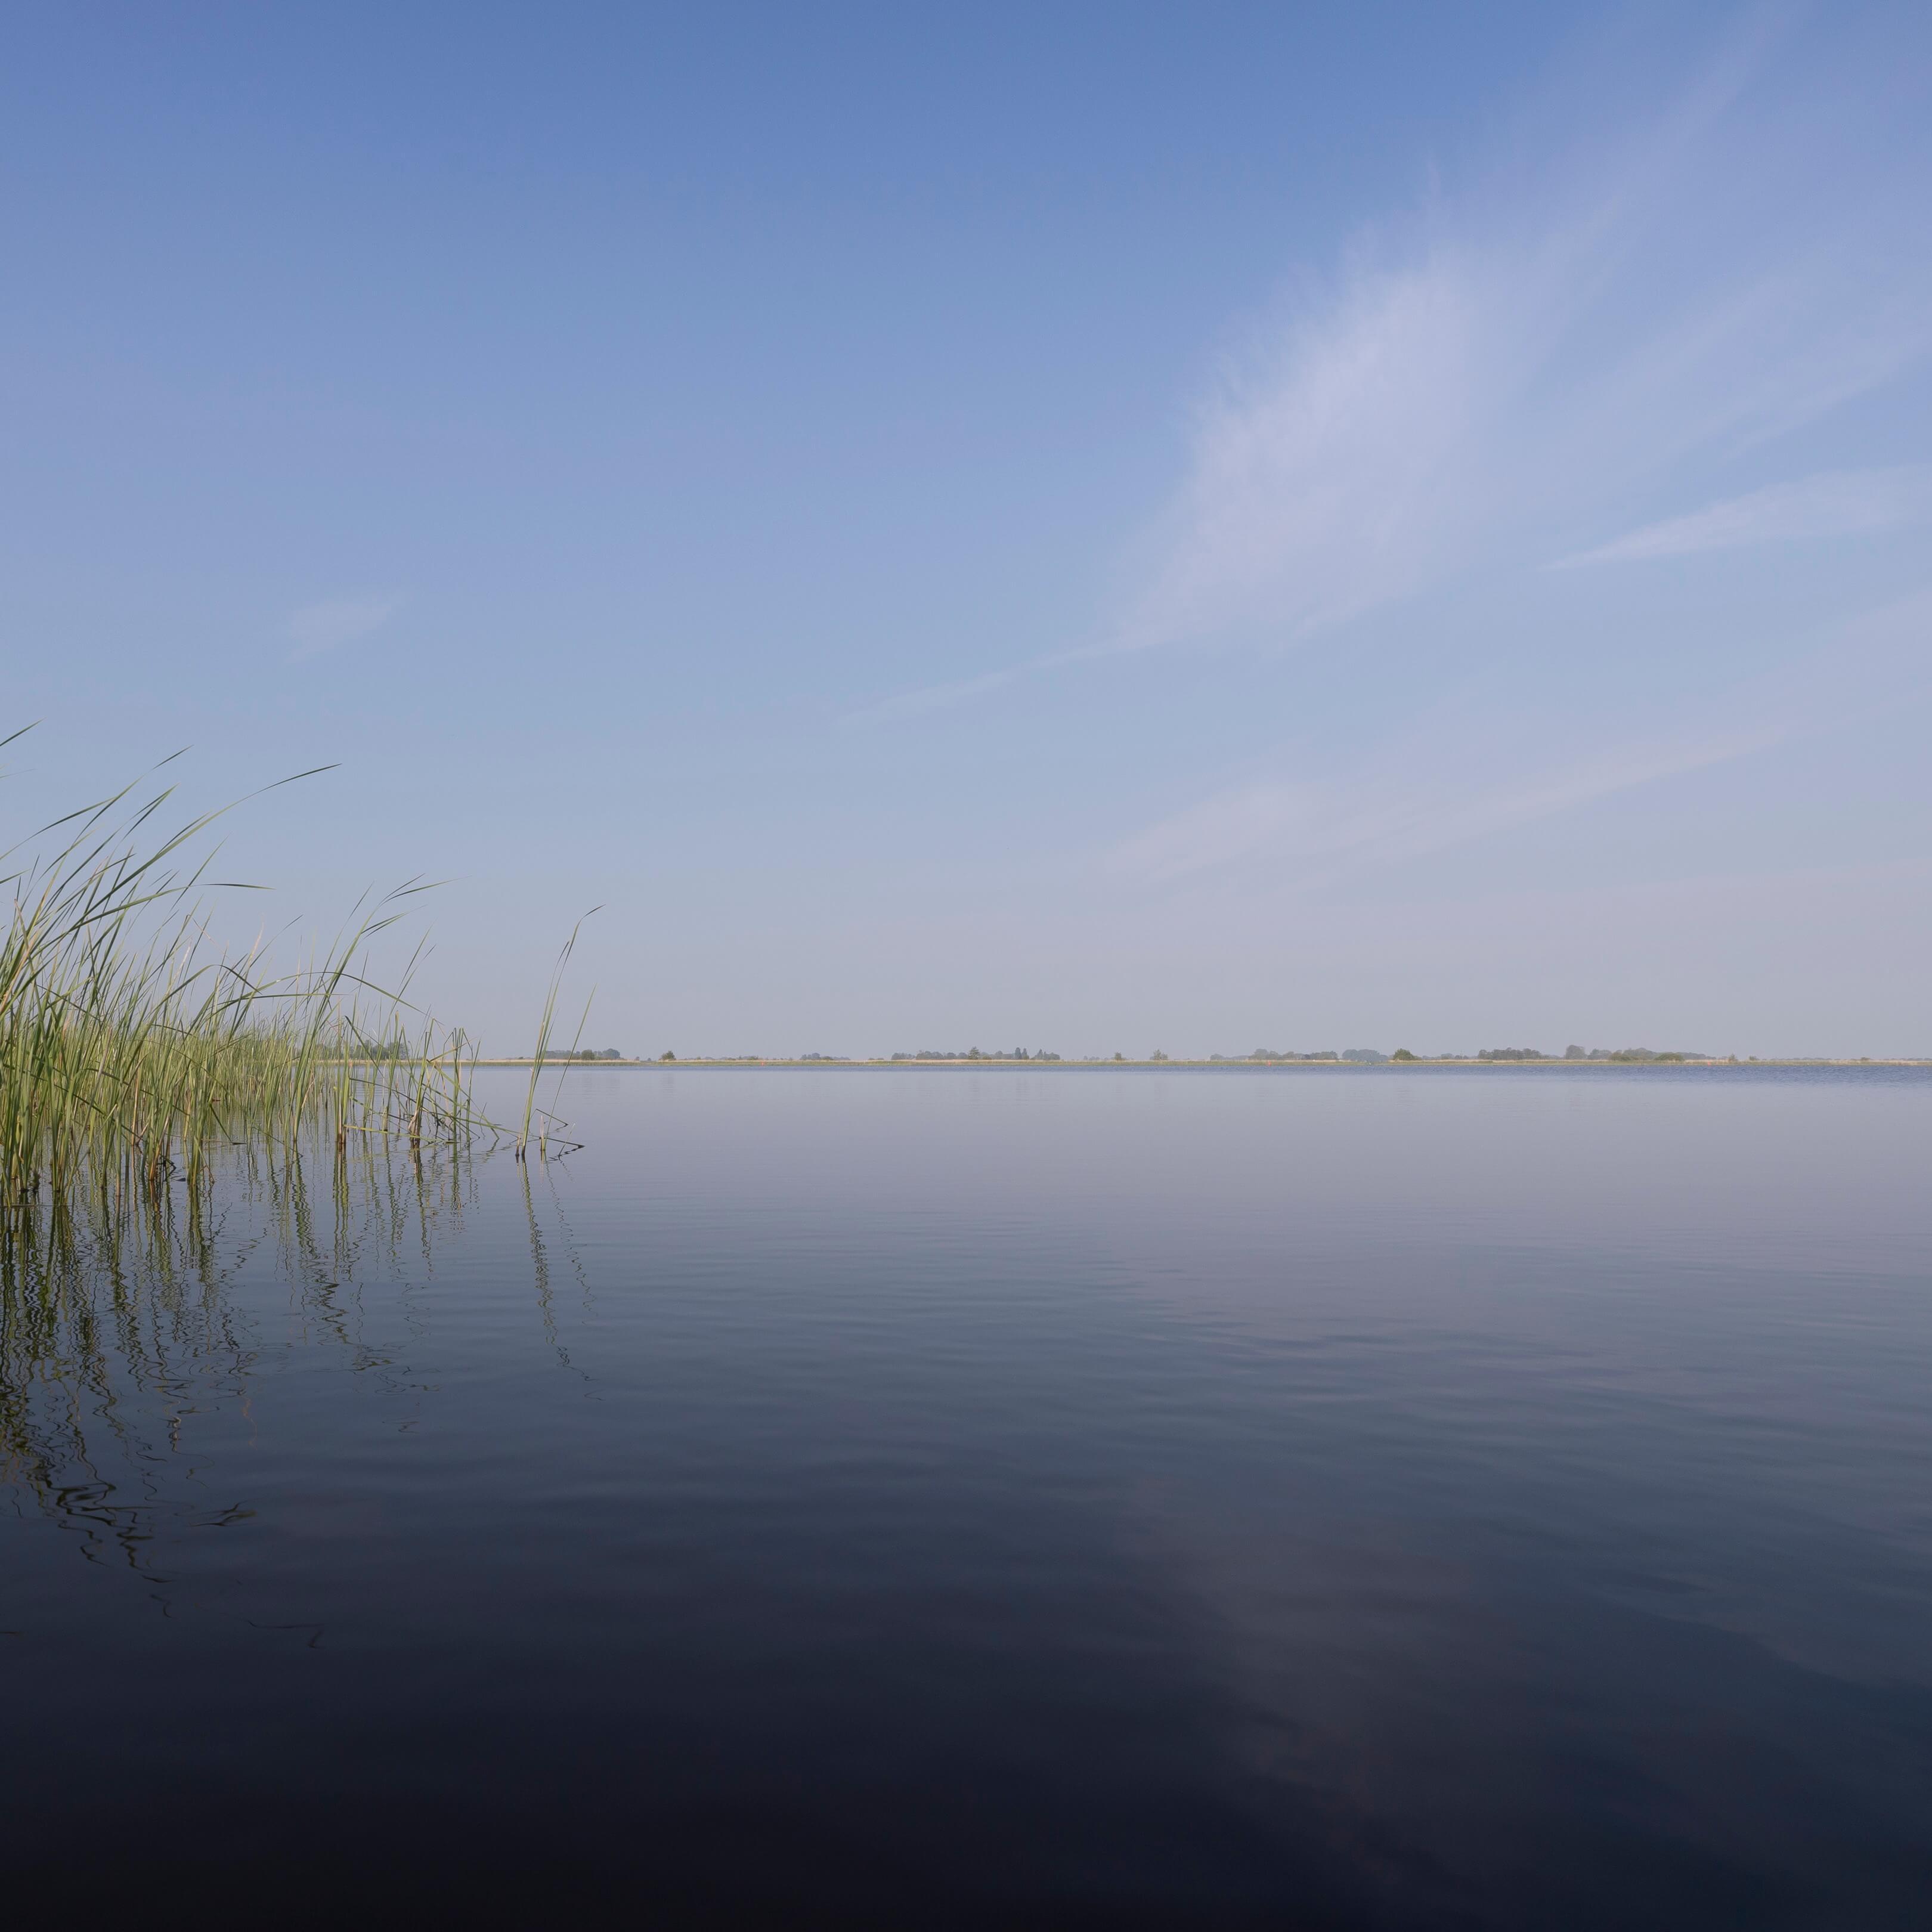 Jur Jurjen Poeles fotografie landschap dageraad natuur water moeras kunst kunstfotografie